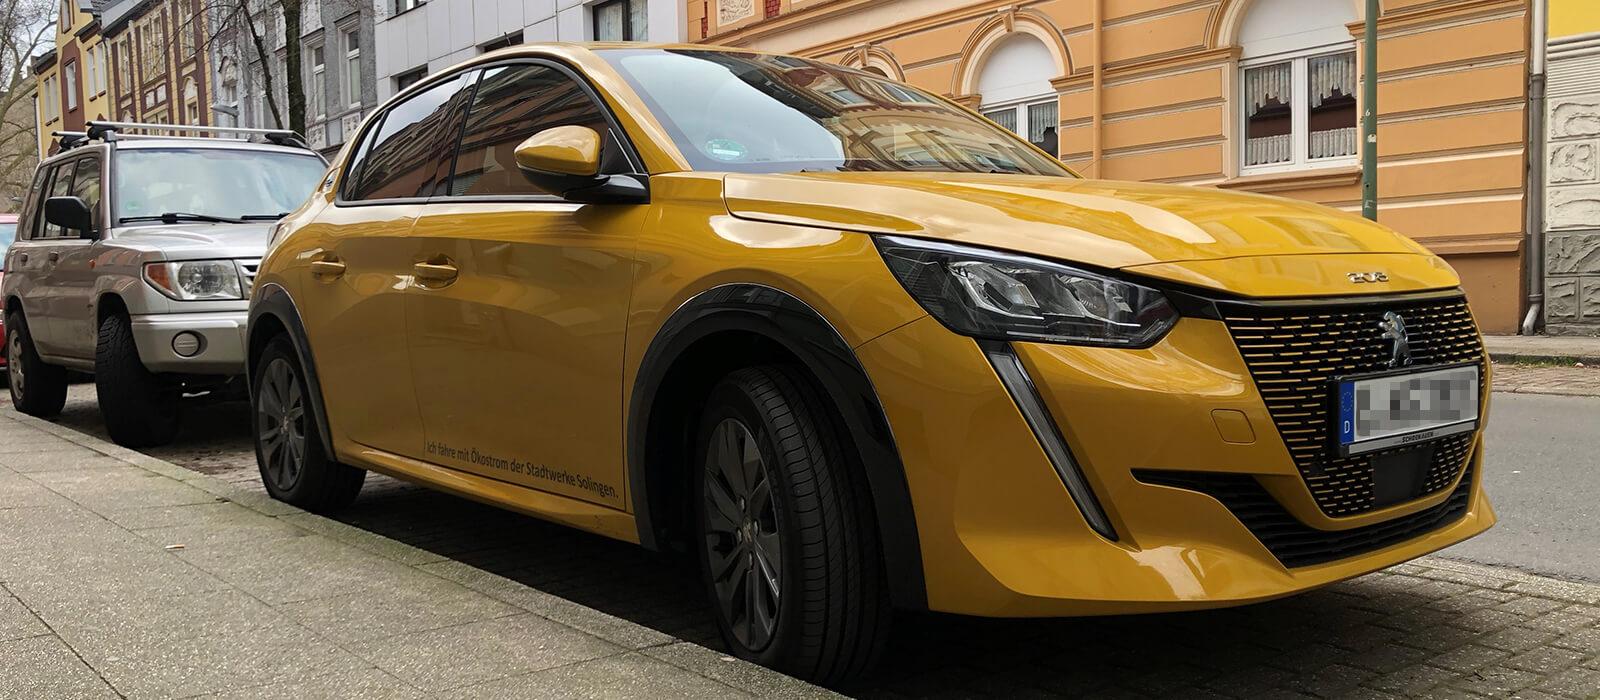 E-Auto - Peugeot e-208